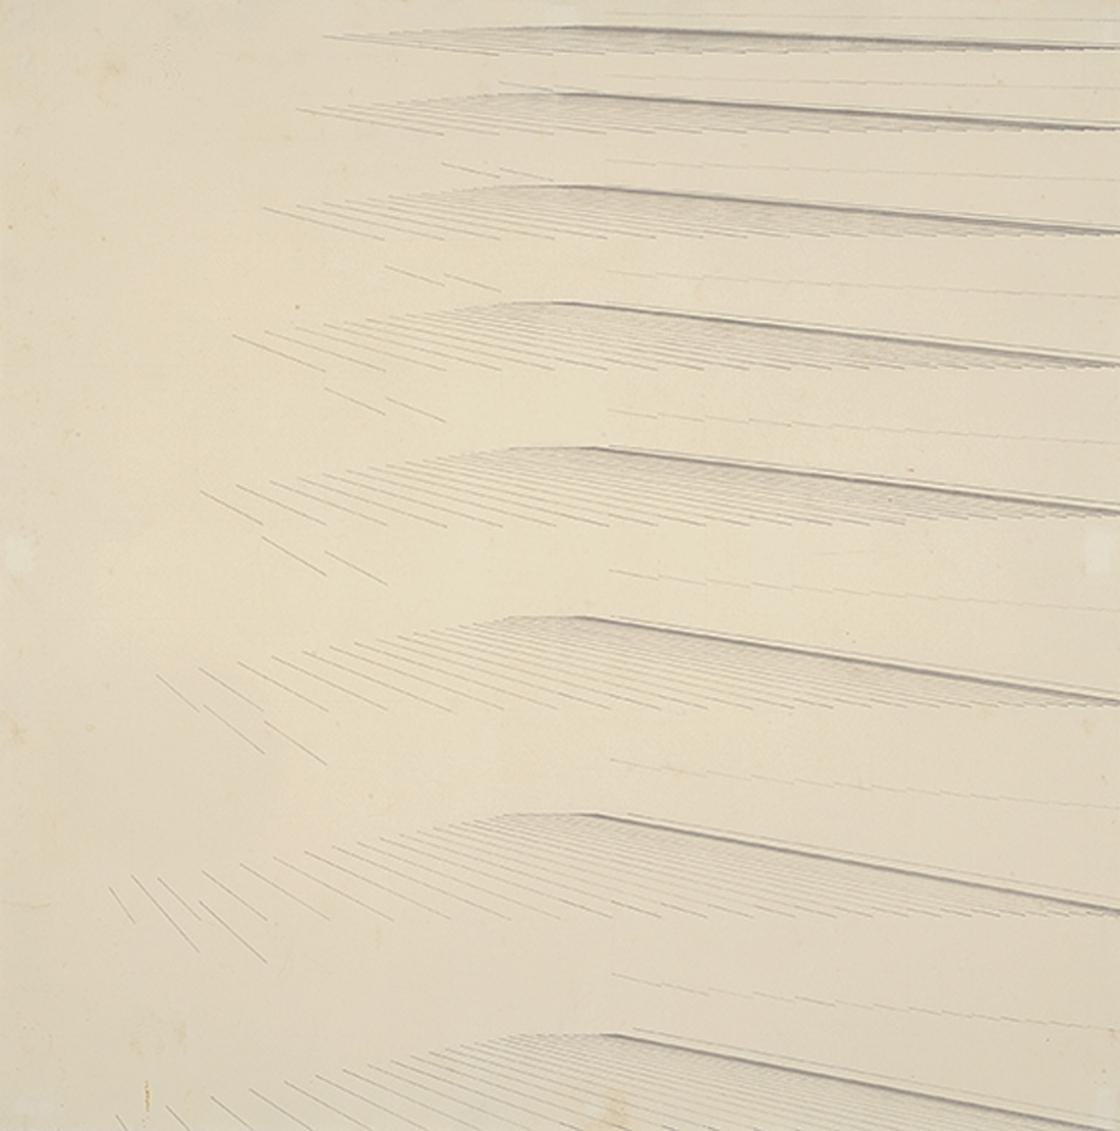 72 dpi KNMA Untitled- Nasreen Mohamedi (1)